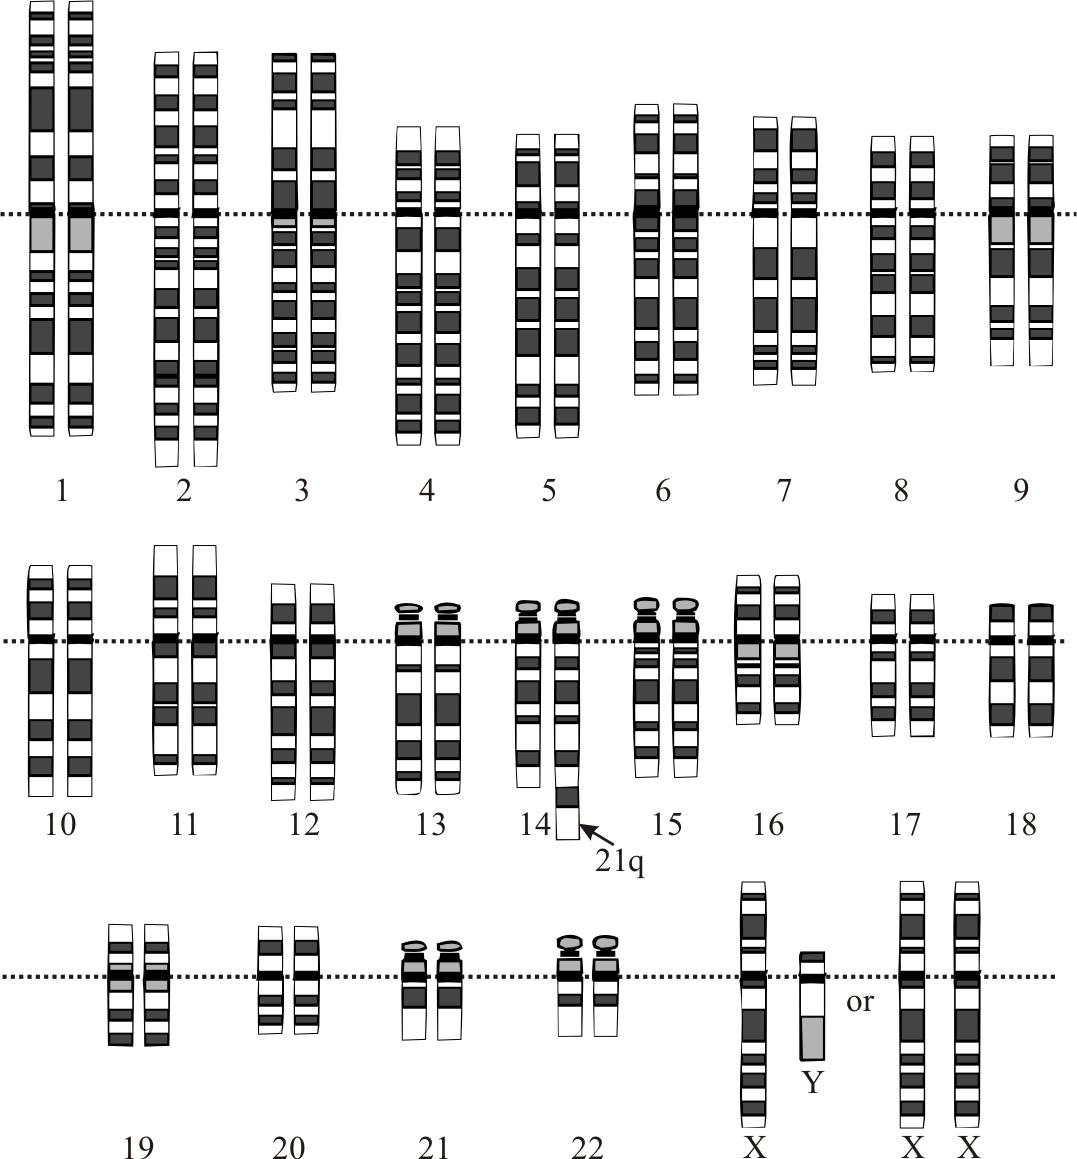 karyogramm trisomie 21